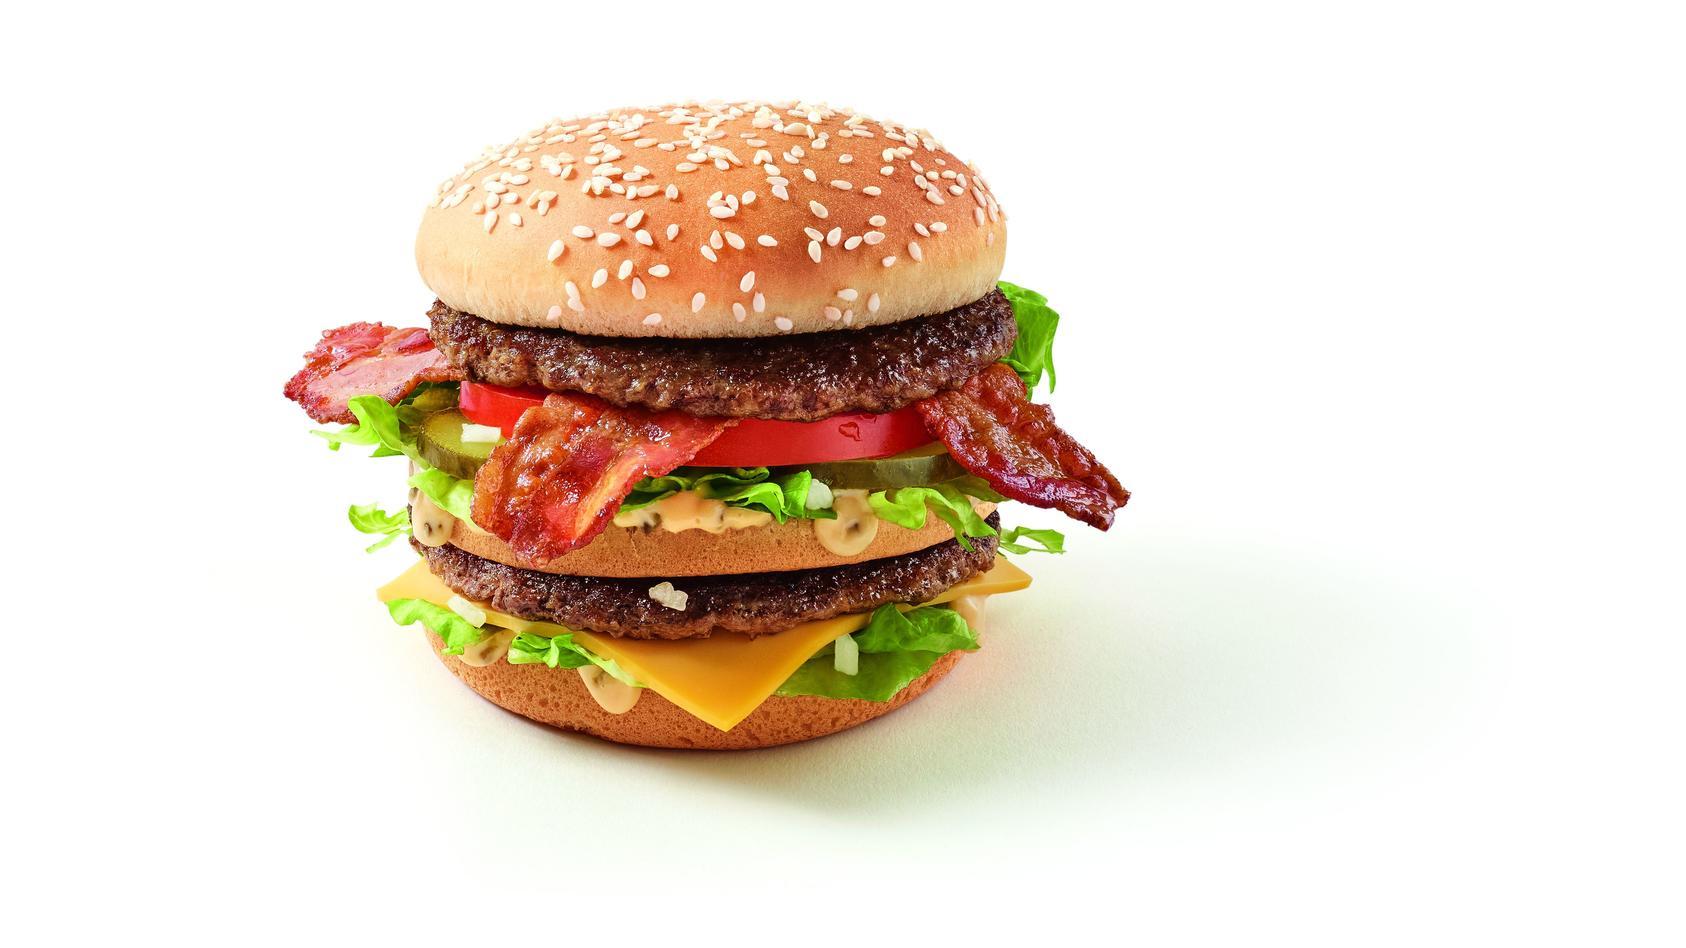 Vor 50 Jahren wurde der 'Big Mac' auf den Markt gebracht. Um das zu feiern, verkauft McDonalds jetzt den 'Big Mac Bacon TS'.